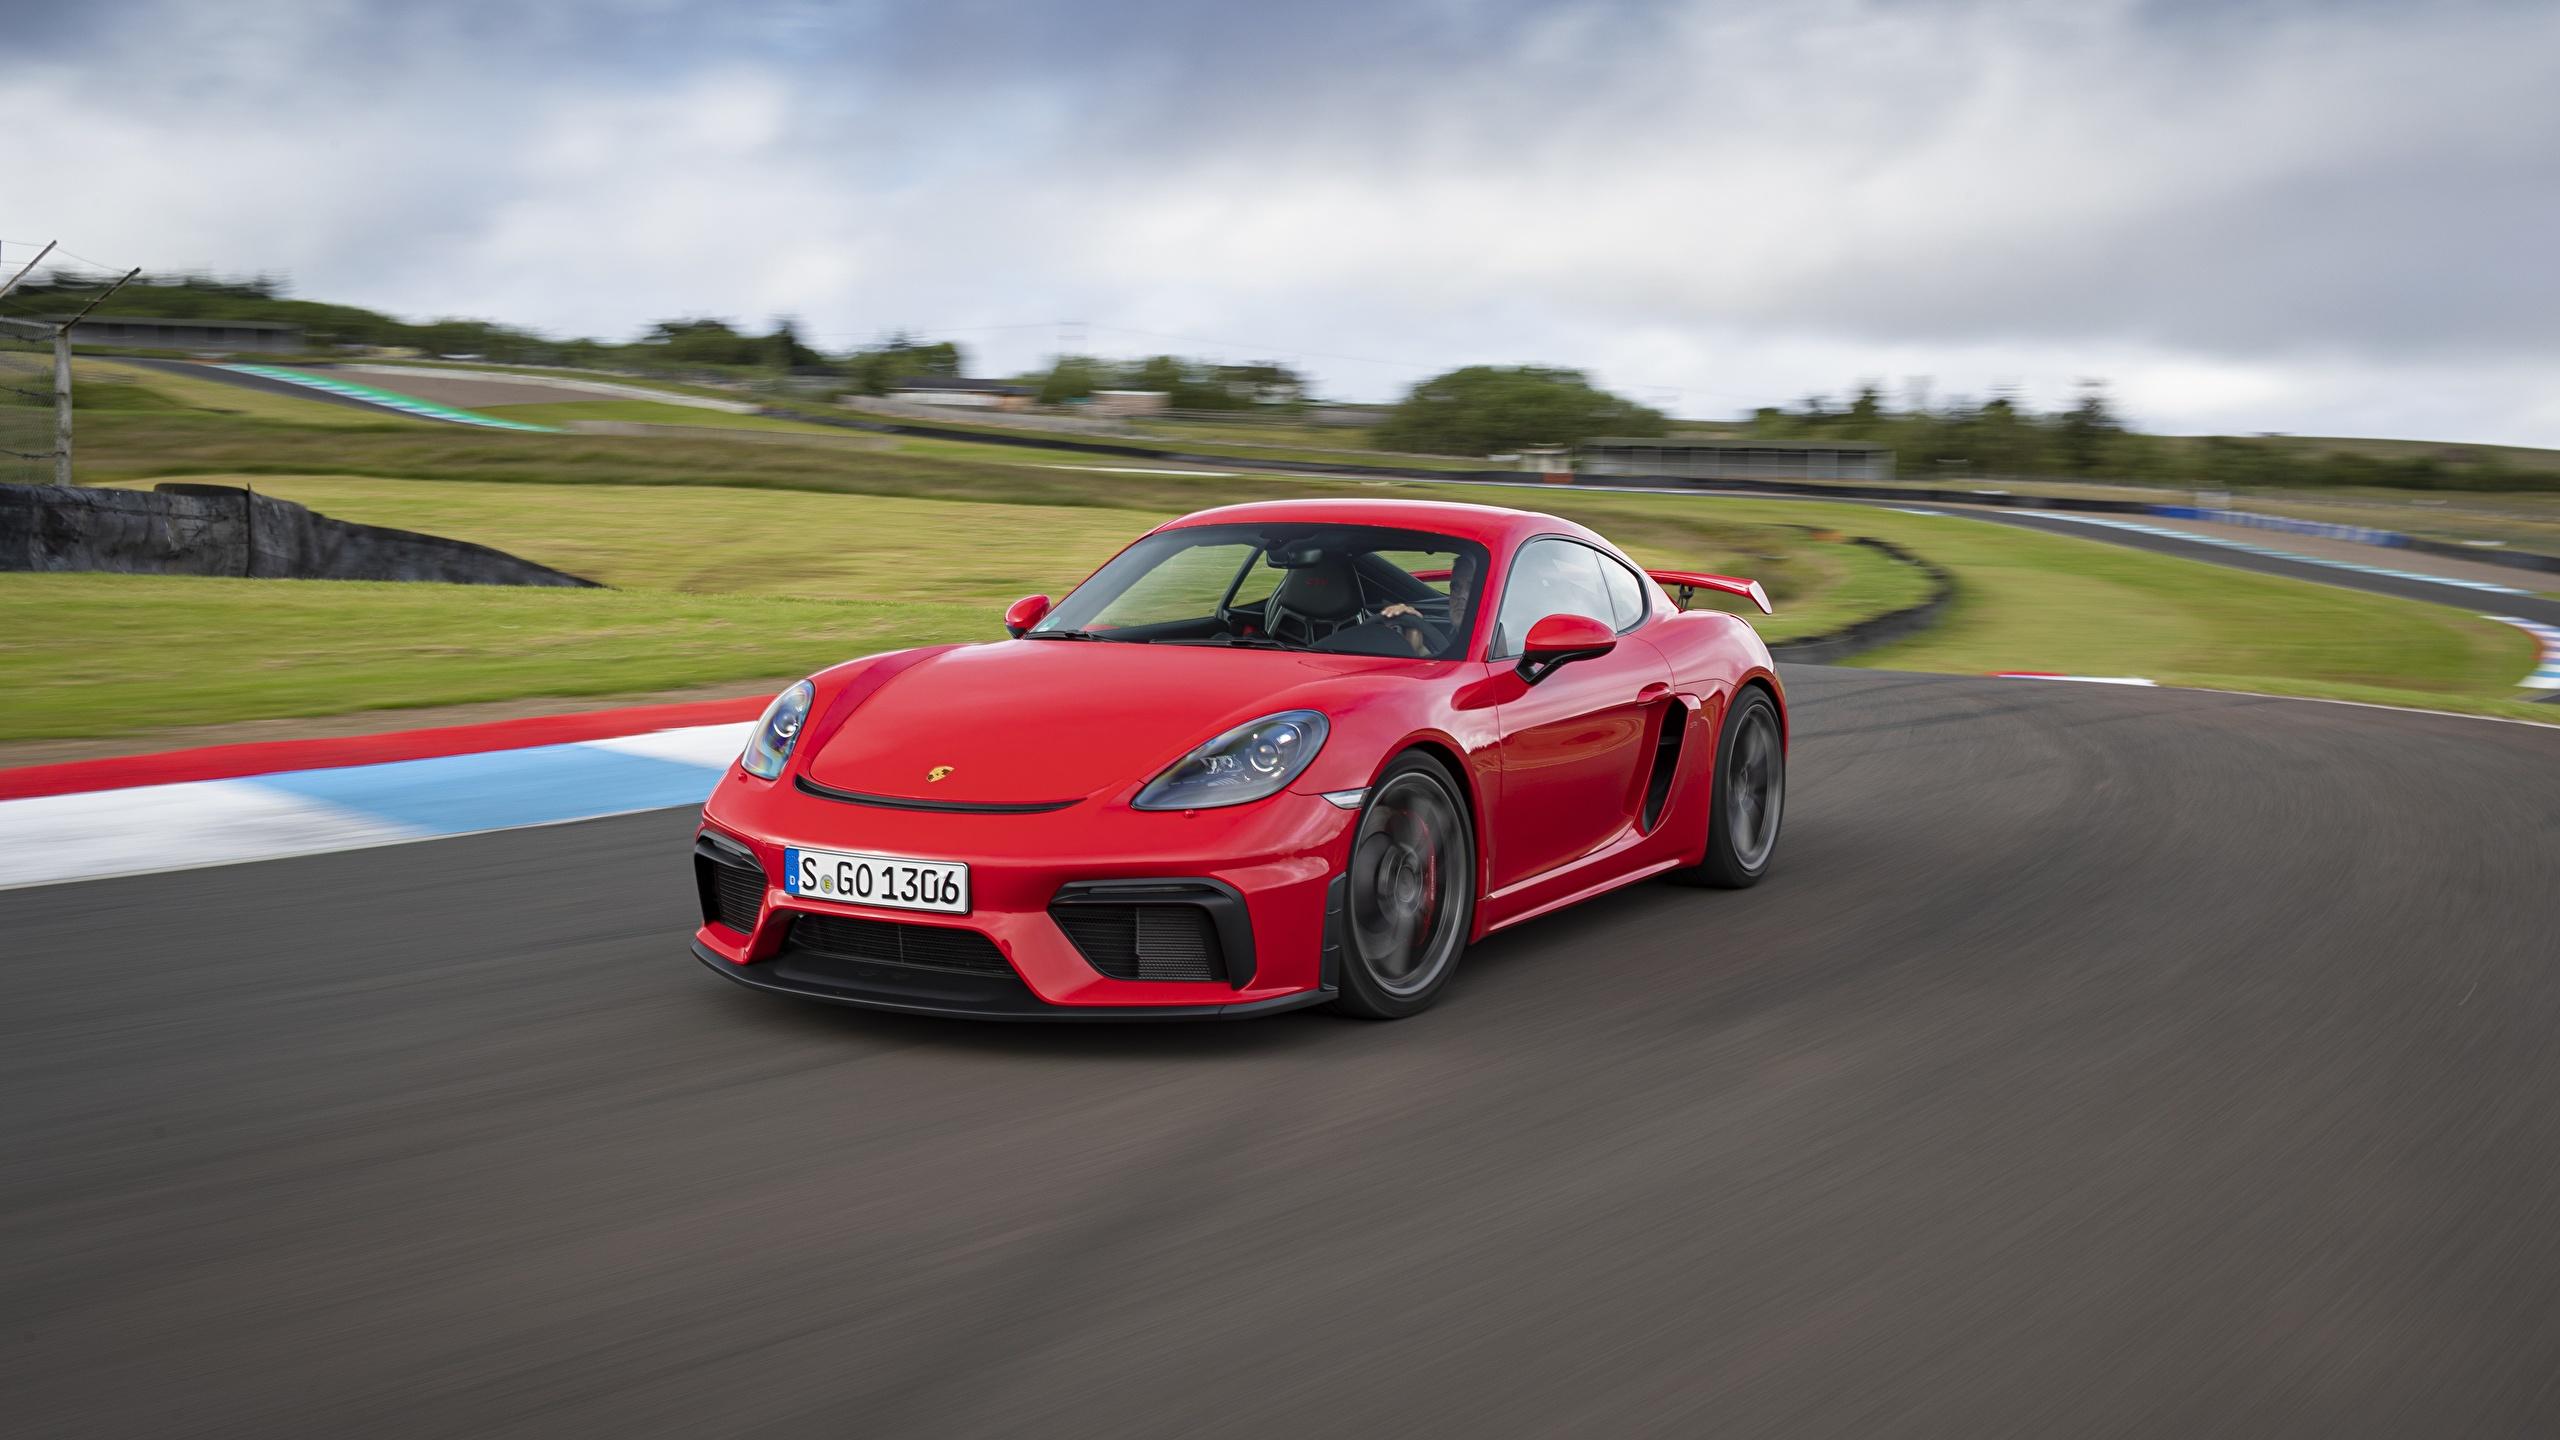 Papeis De Parede 2560x1440 Porsche 718 982 Cayman Gt4 Vermelho Movimento Carros Baixar Imagens